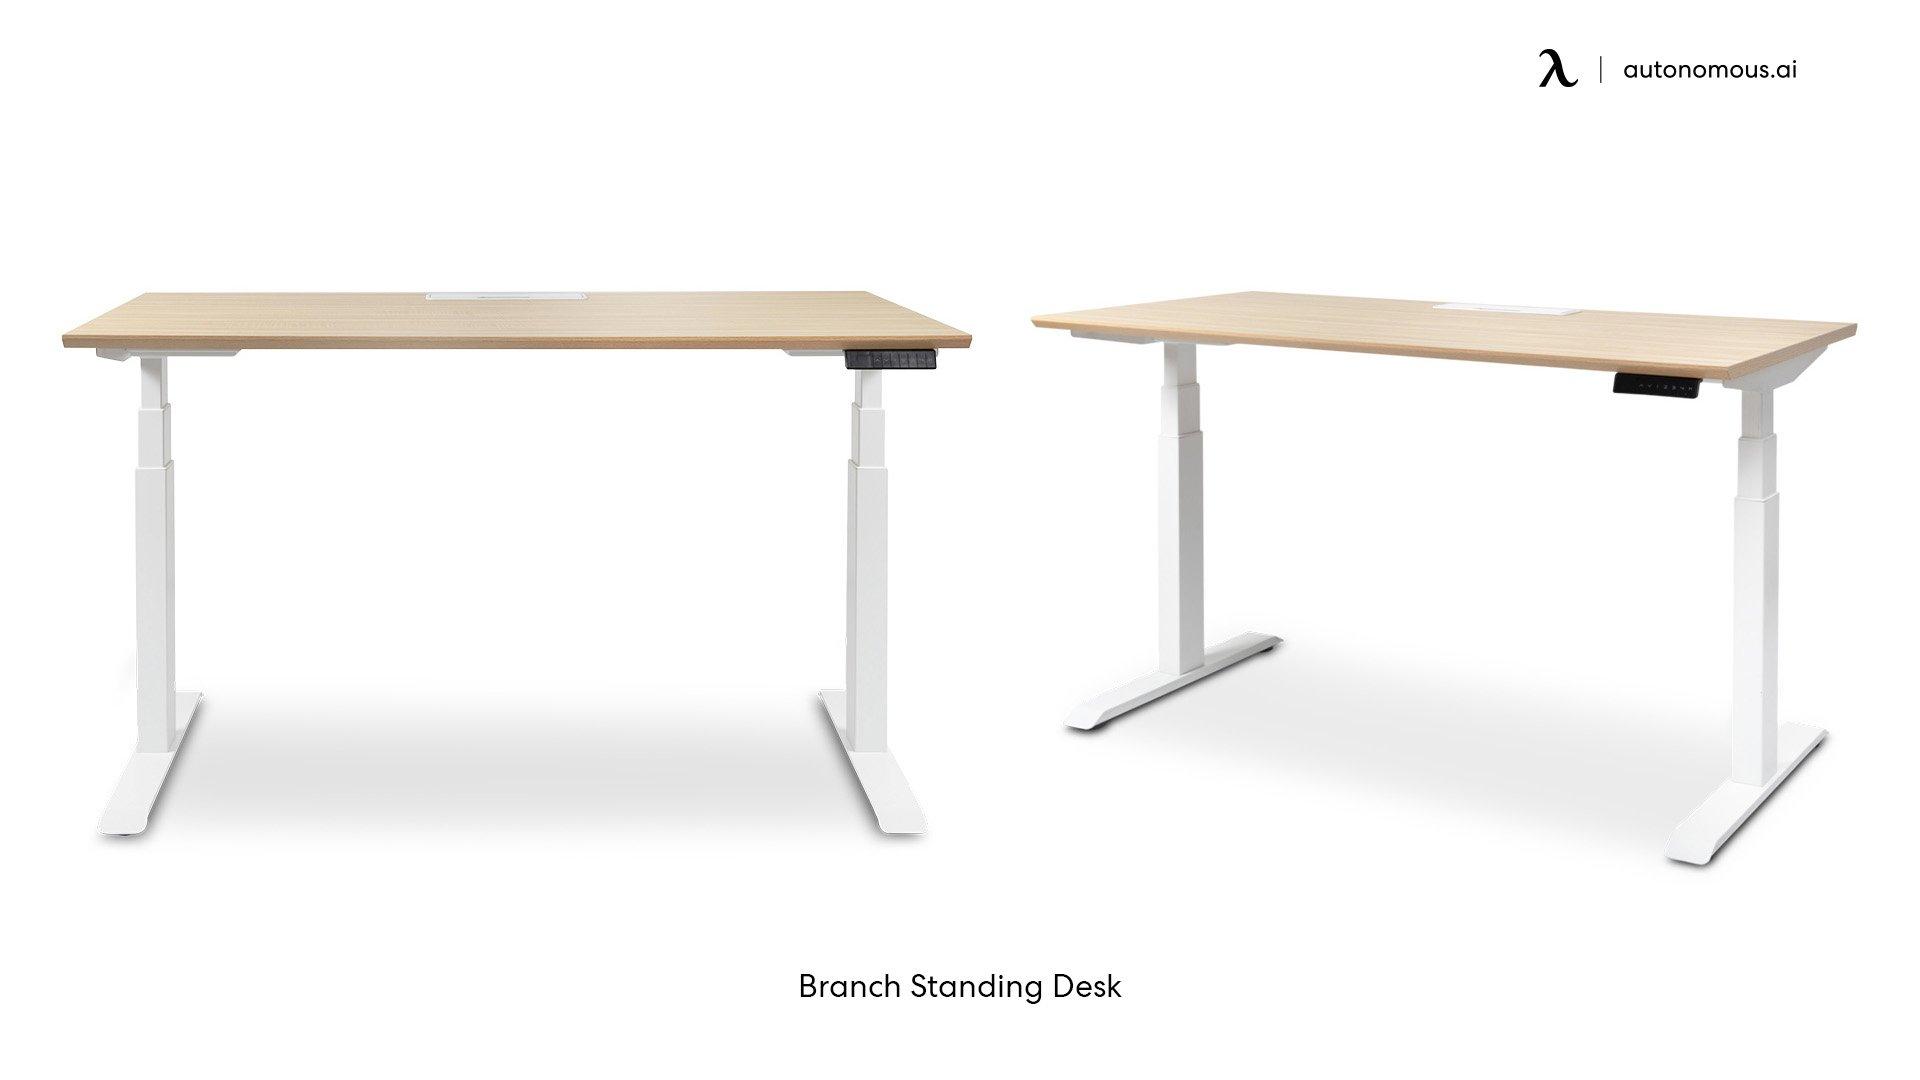 Branch Standing Desk